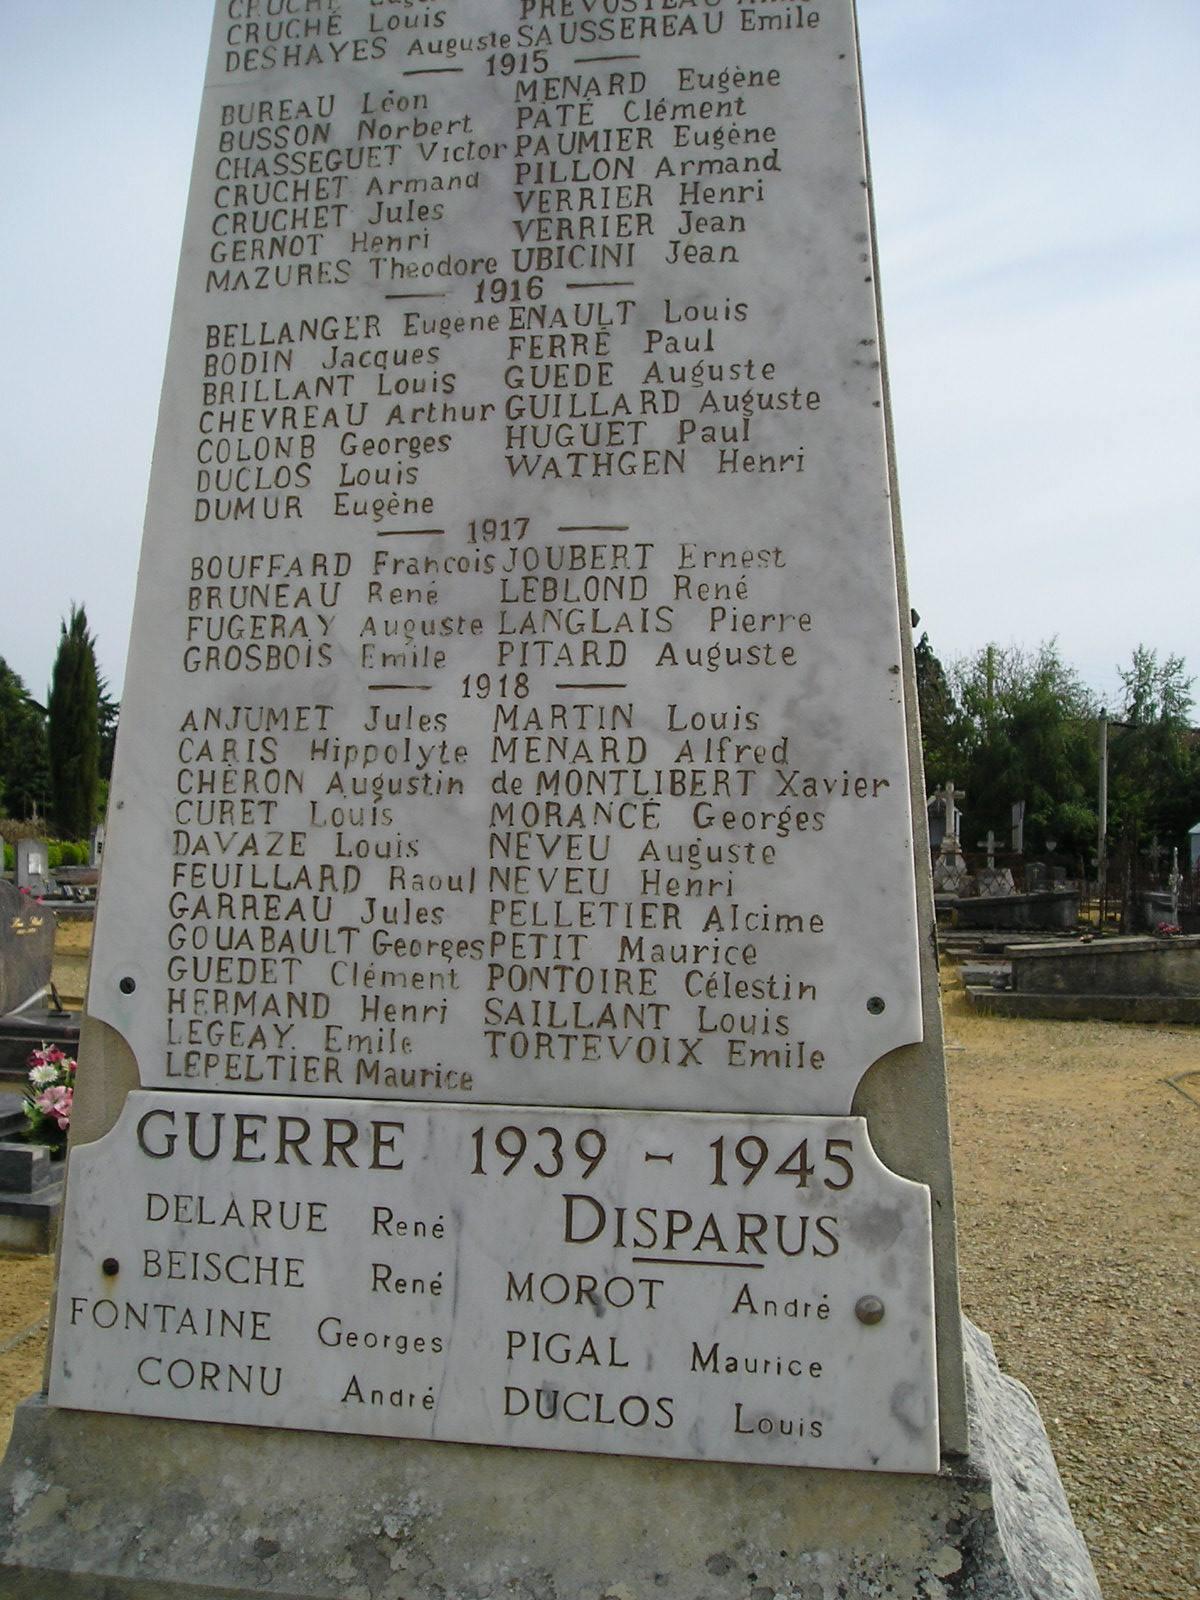 Lavarré - Monument commémoratif - Monument aux morts 1914-1918 et 1939-1945 - Vue 01 (Michel Rogerie)